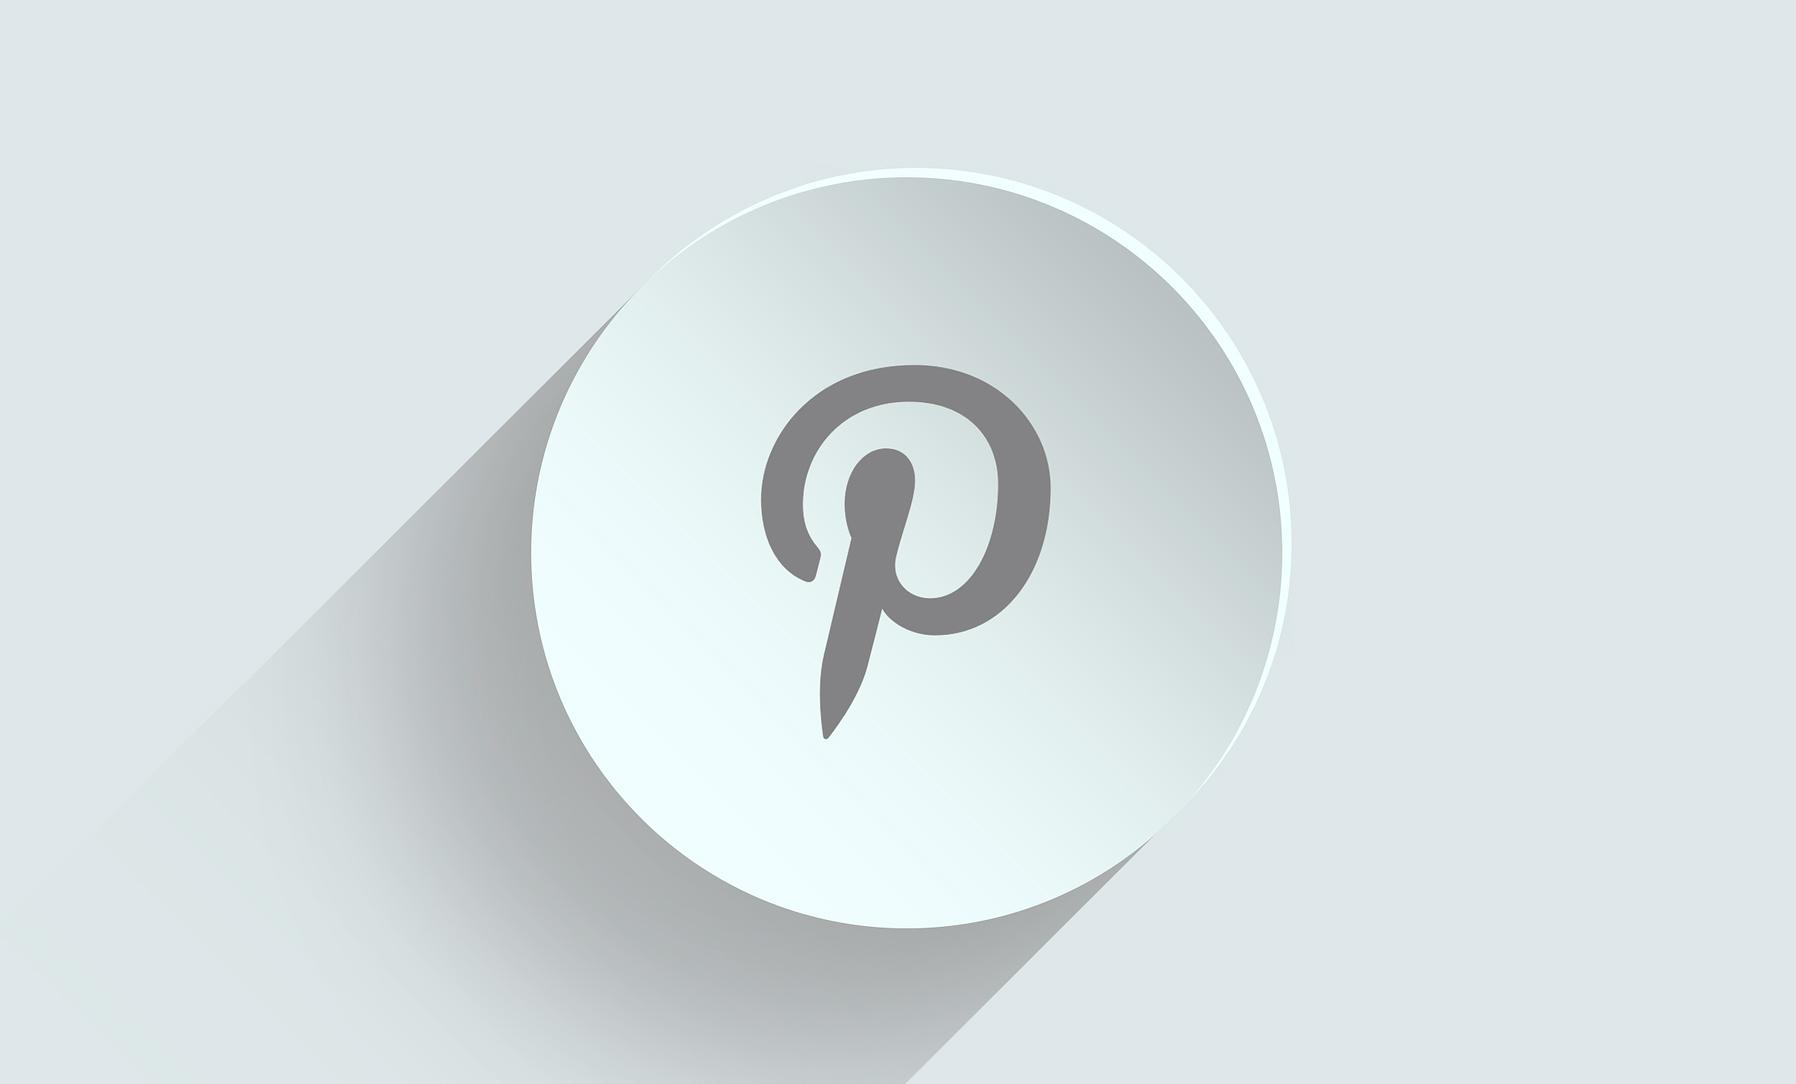 Social Media: Pinterest